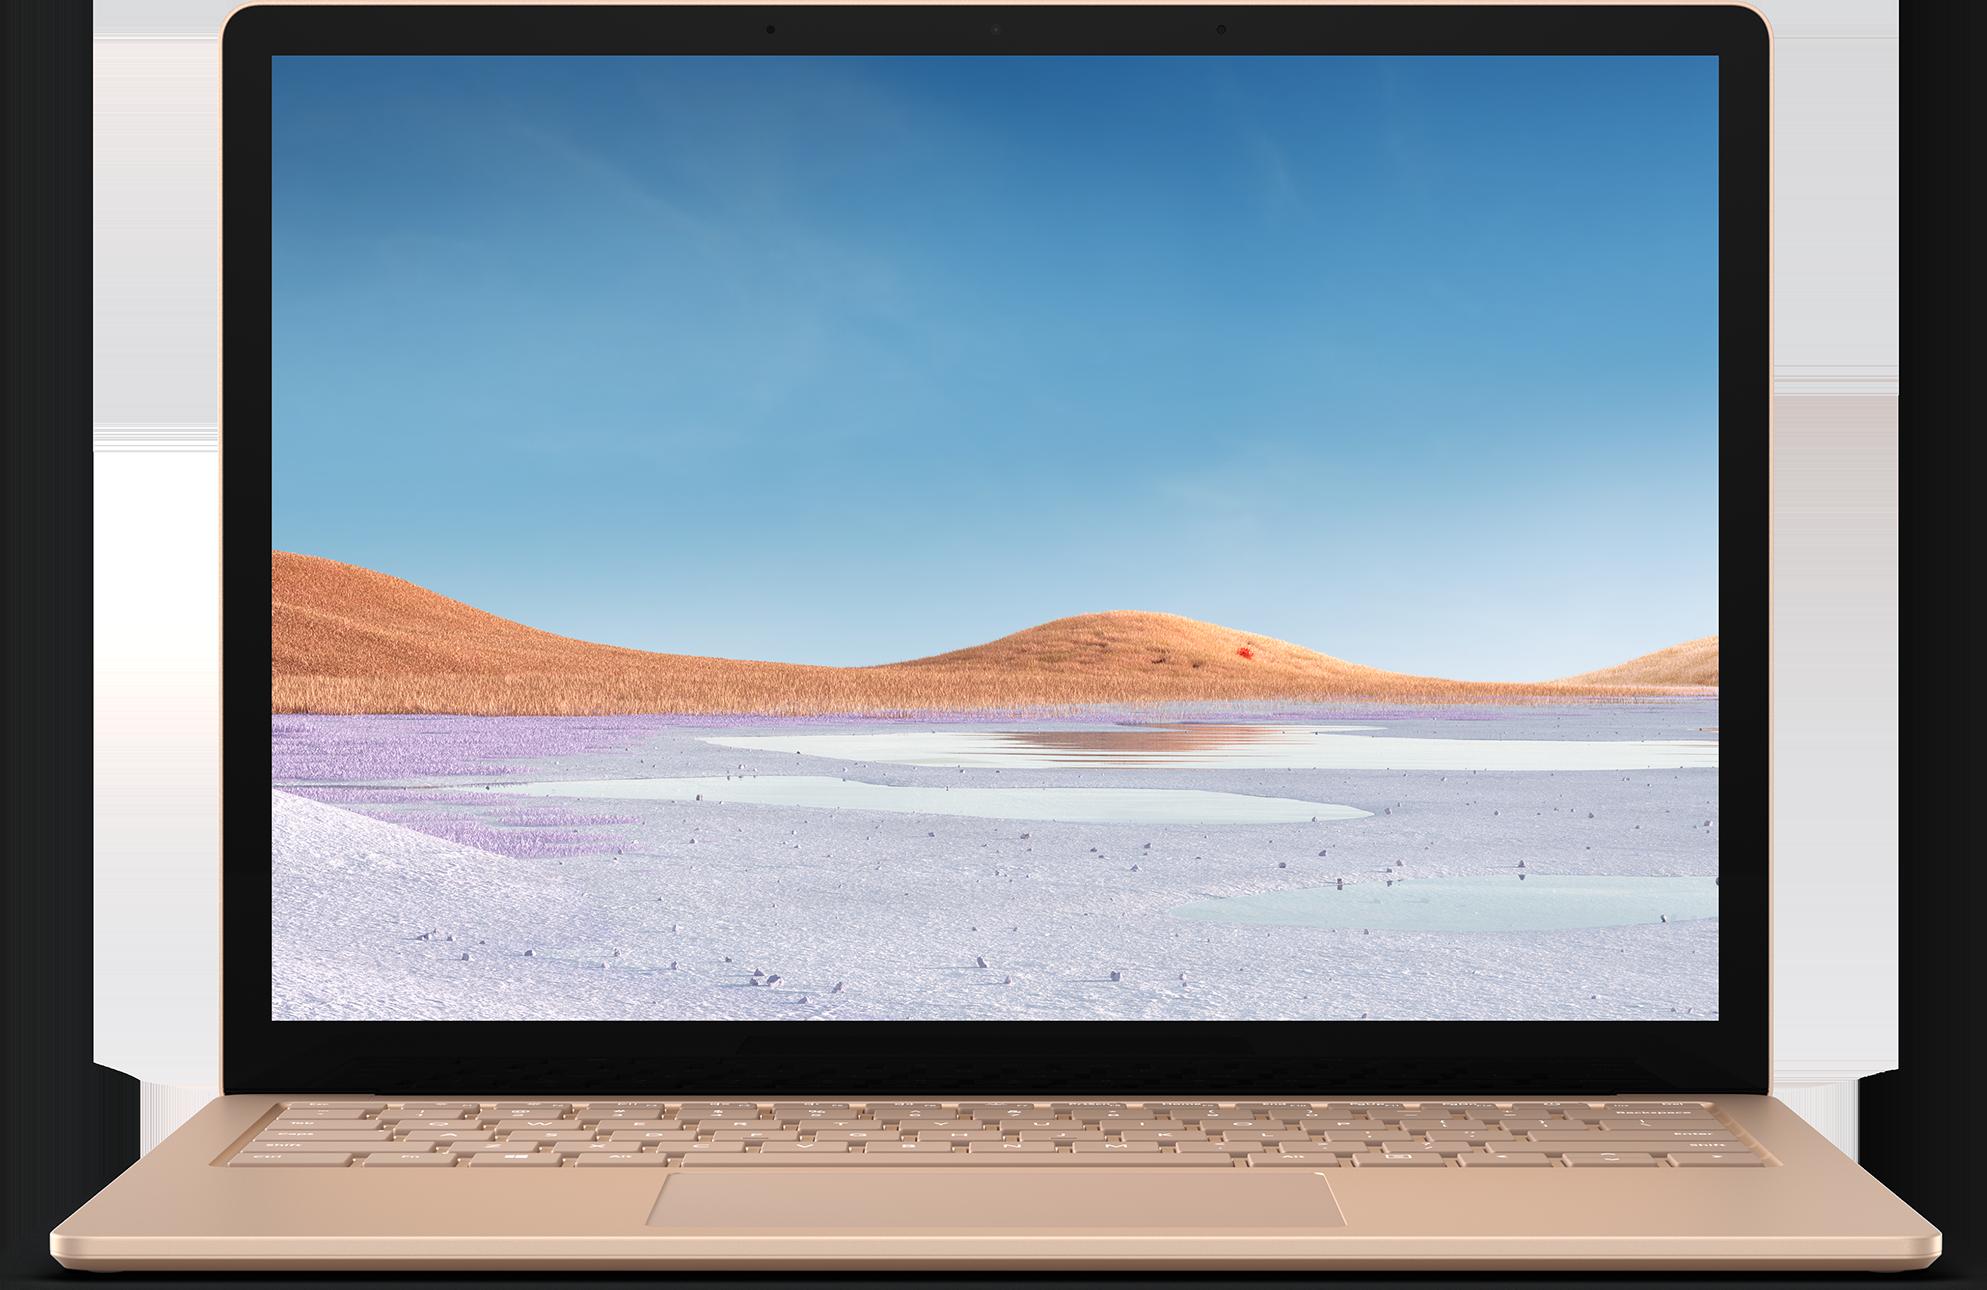 Surface Laptop 3 pour les entreprises - 15 pouces, Noir (métal), Intel Core i7, 16Go, 256Go